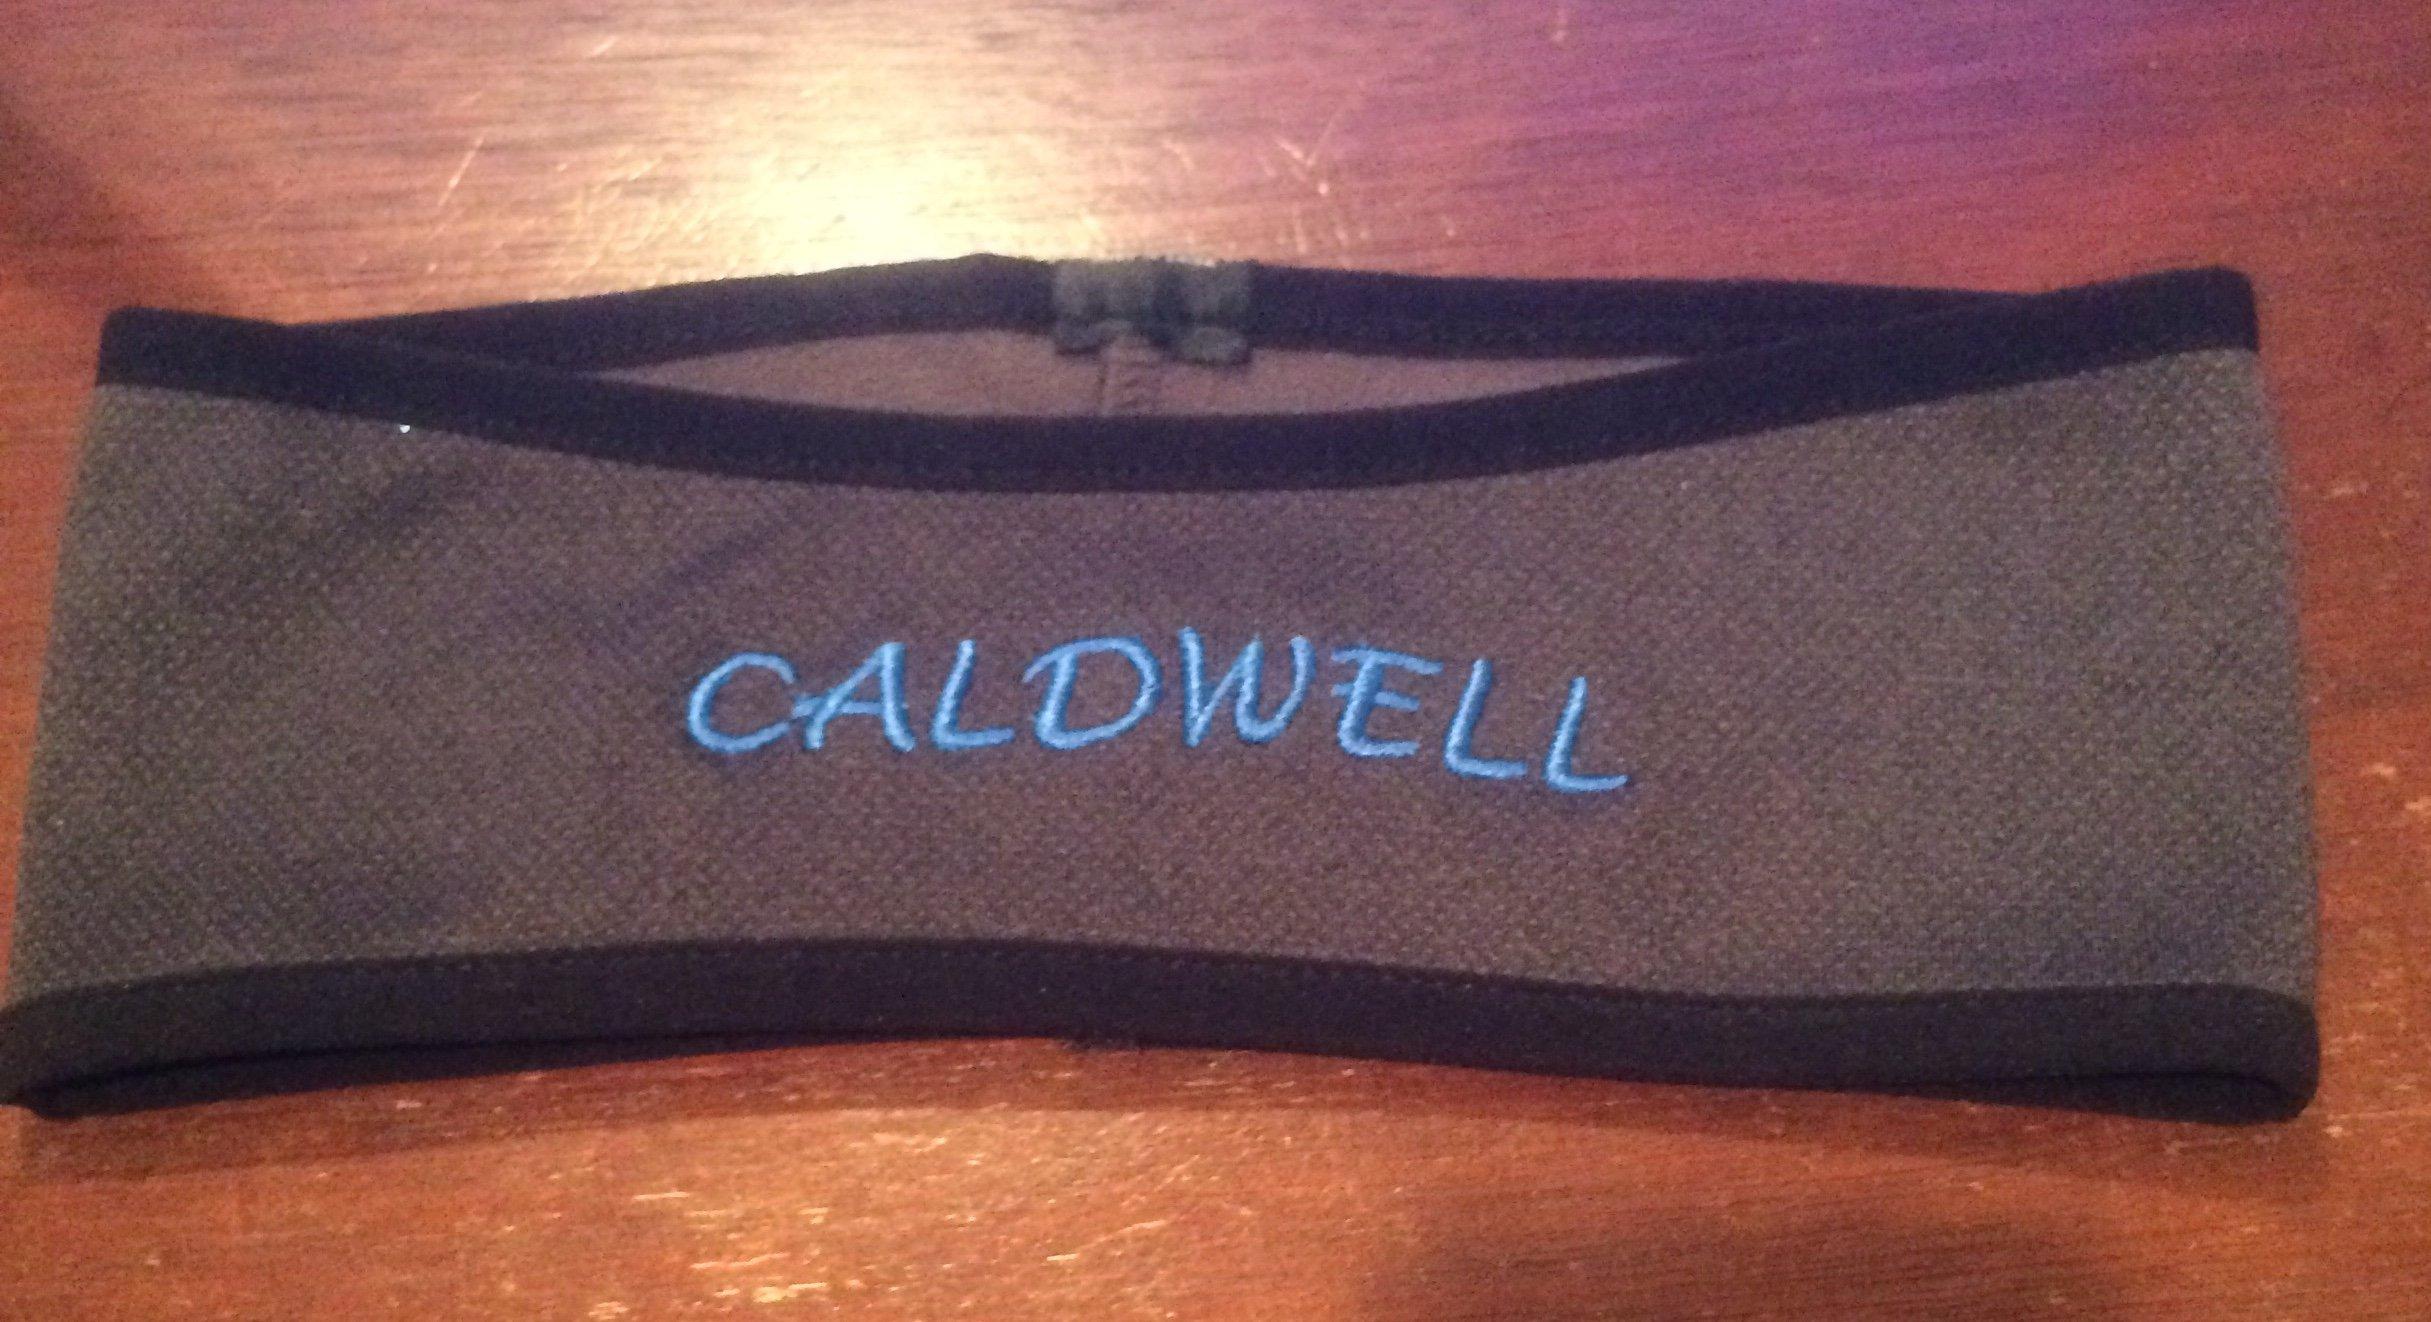 Holloway Caldwell Artillery Headband w/ Ponytail Slit